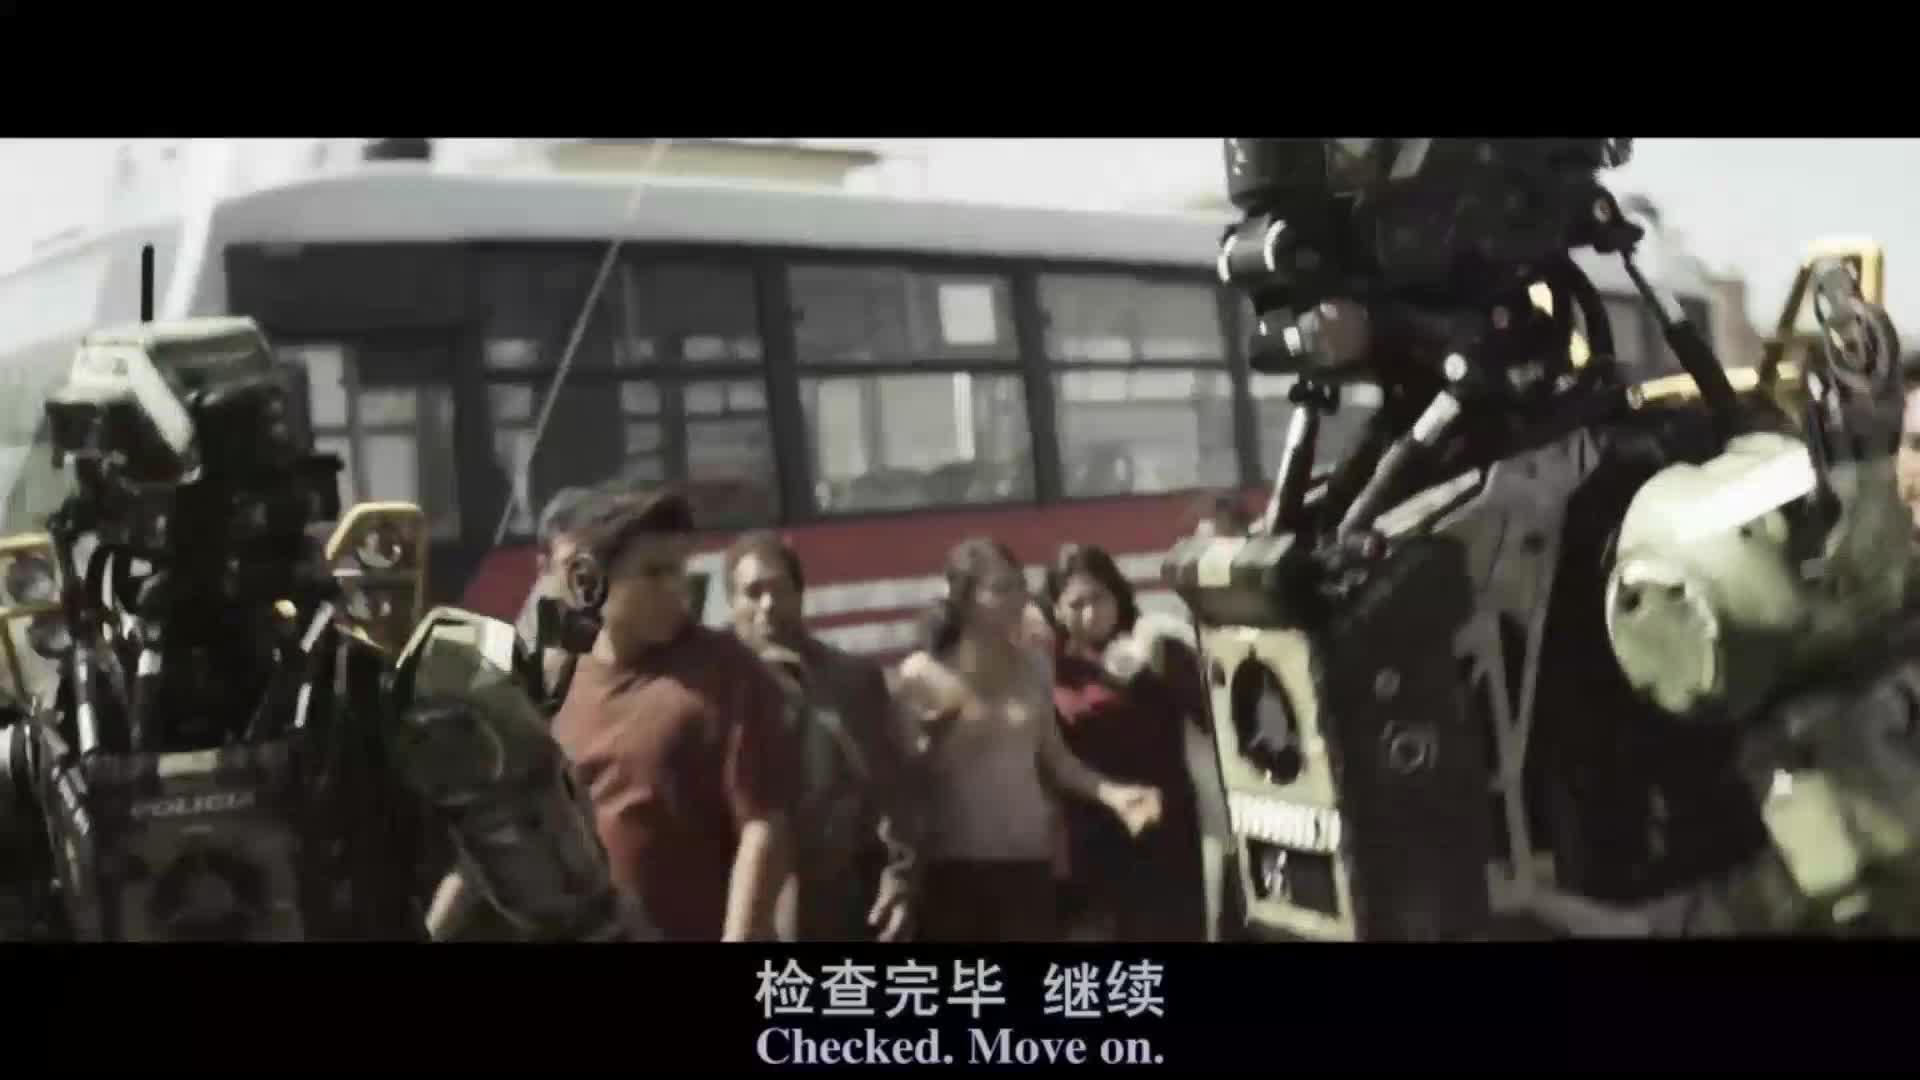 男子上班排队,警察检查包内东西,被警察打骨折